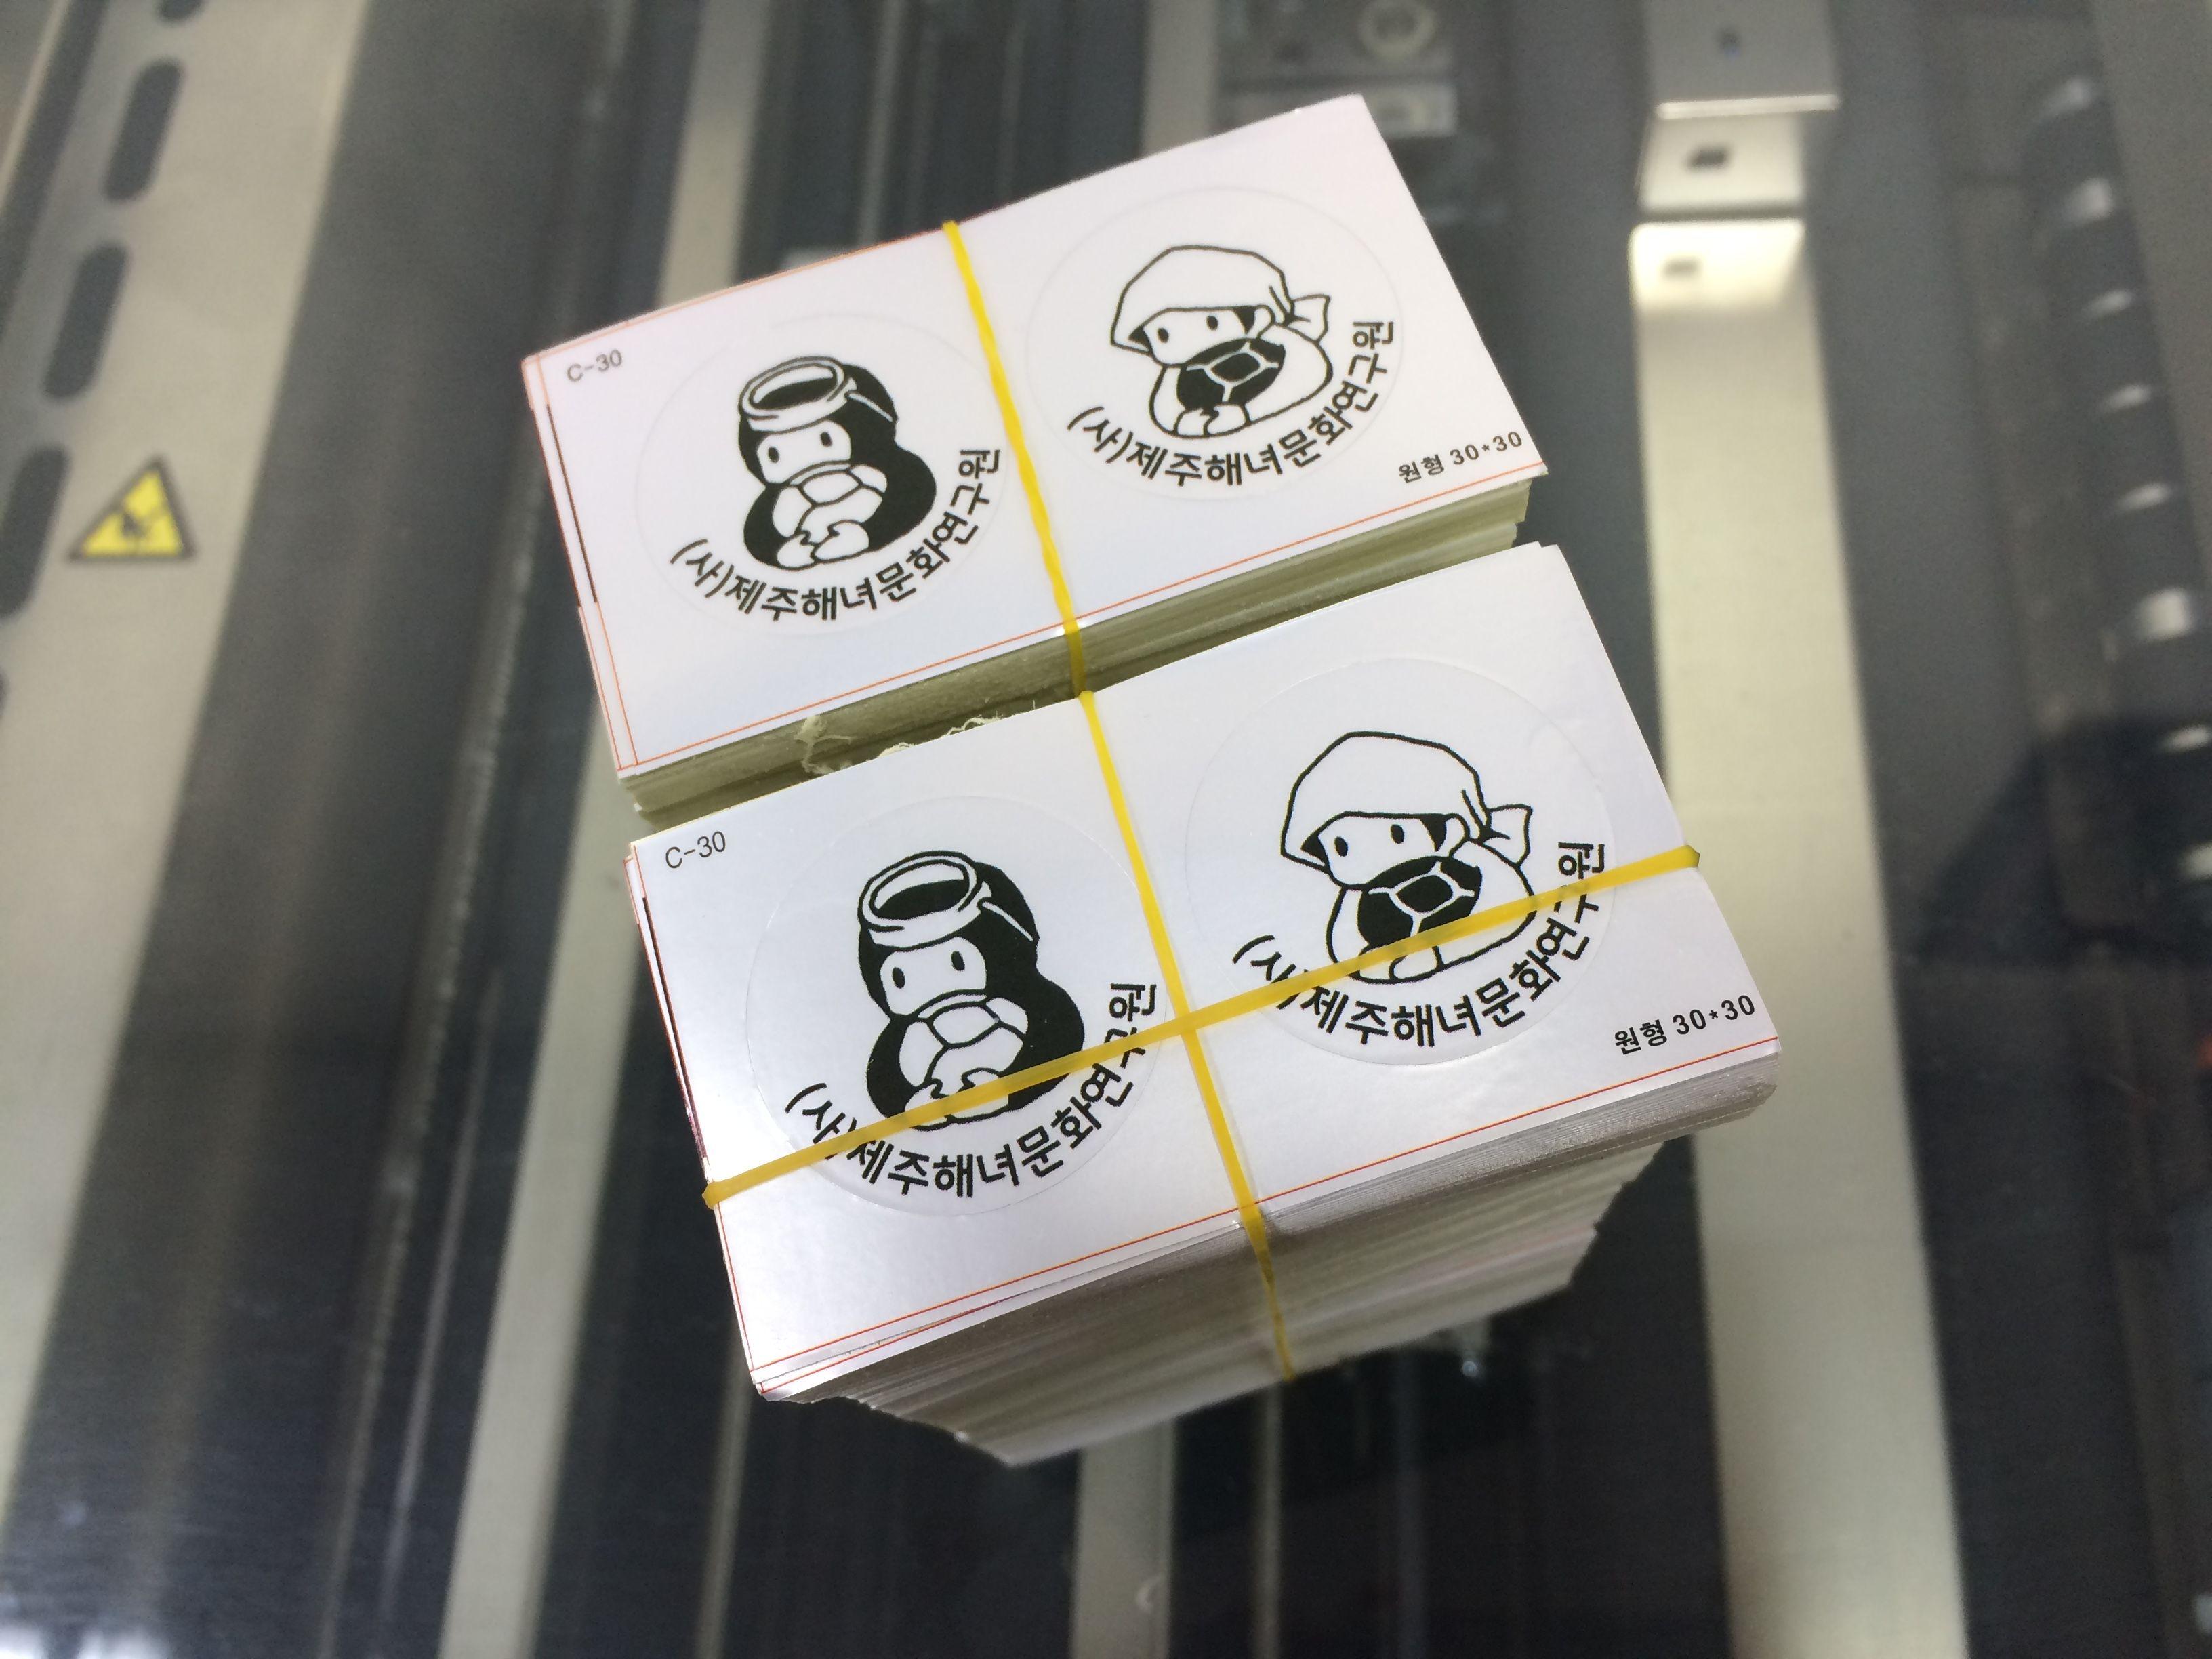 옵셋인쇄 은색 무광 스티커 크기가 작은 경우 여러개 한판에 앉혀서 채산성을 높혀 제작합니다.